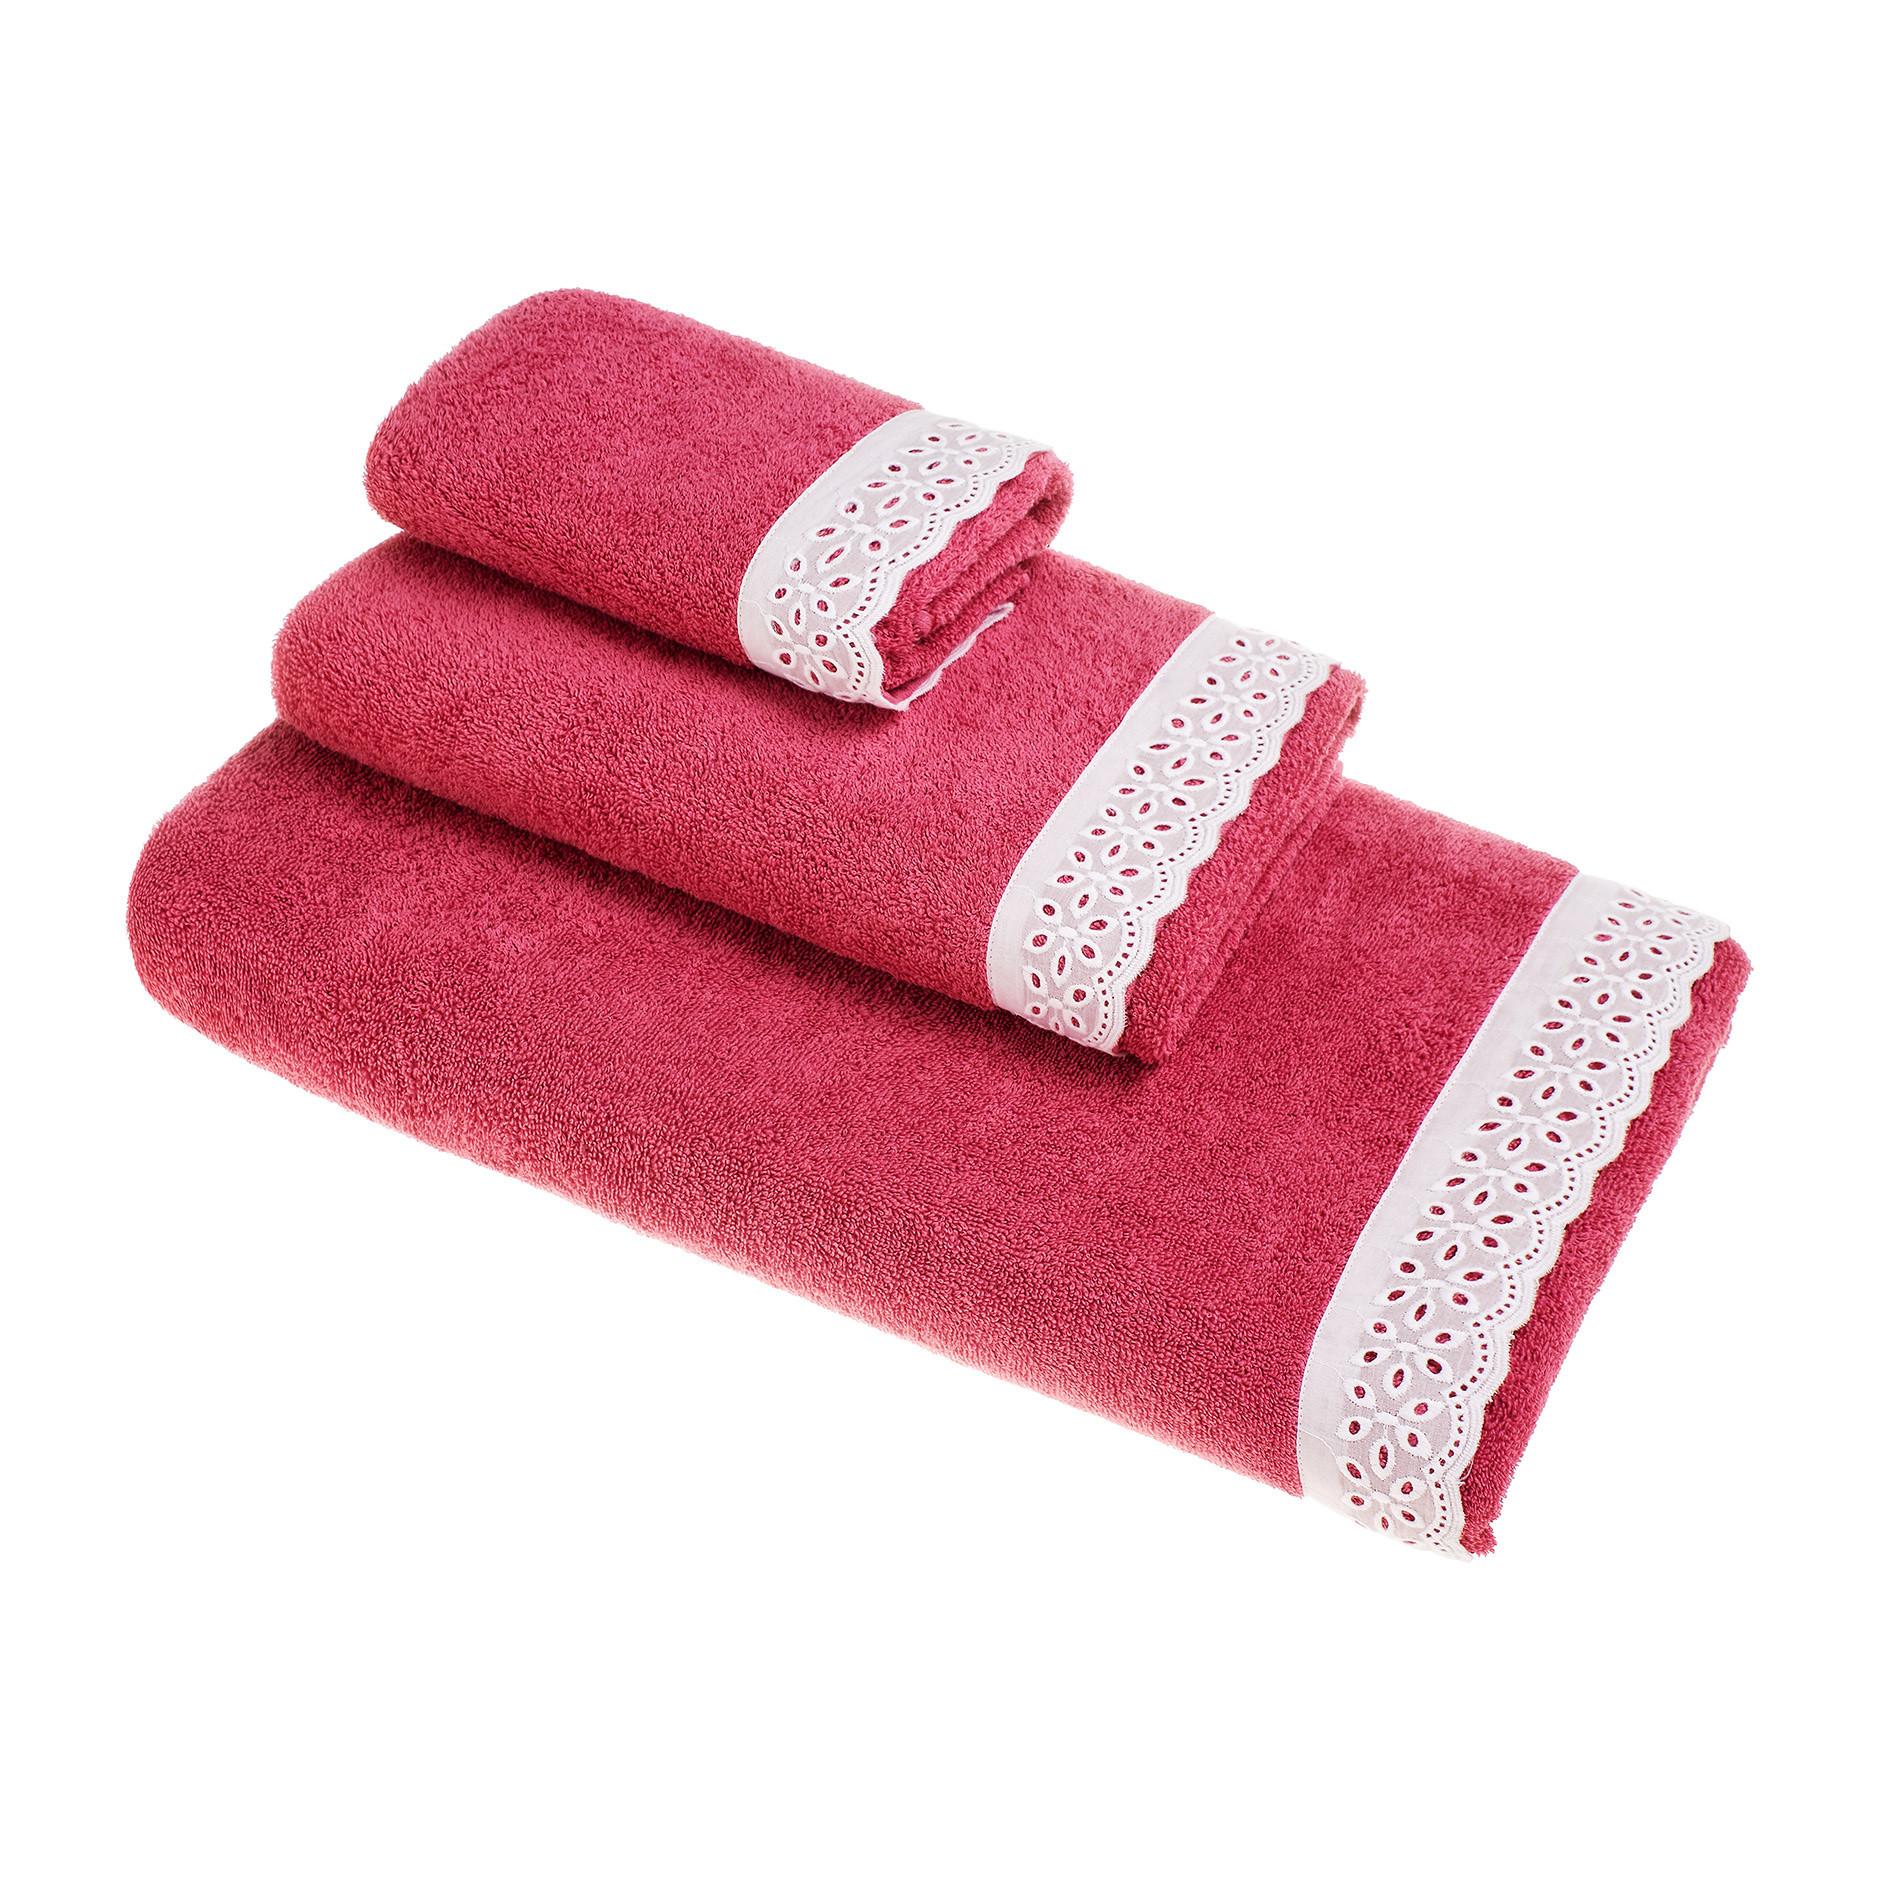 Asciugamano puro cotone pizzo sangallo coincasa - Saldi coin casa ...